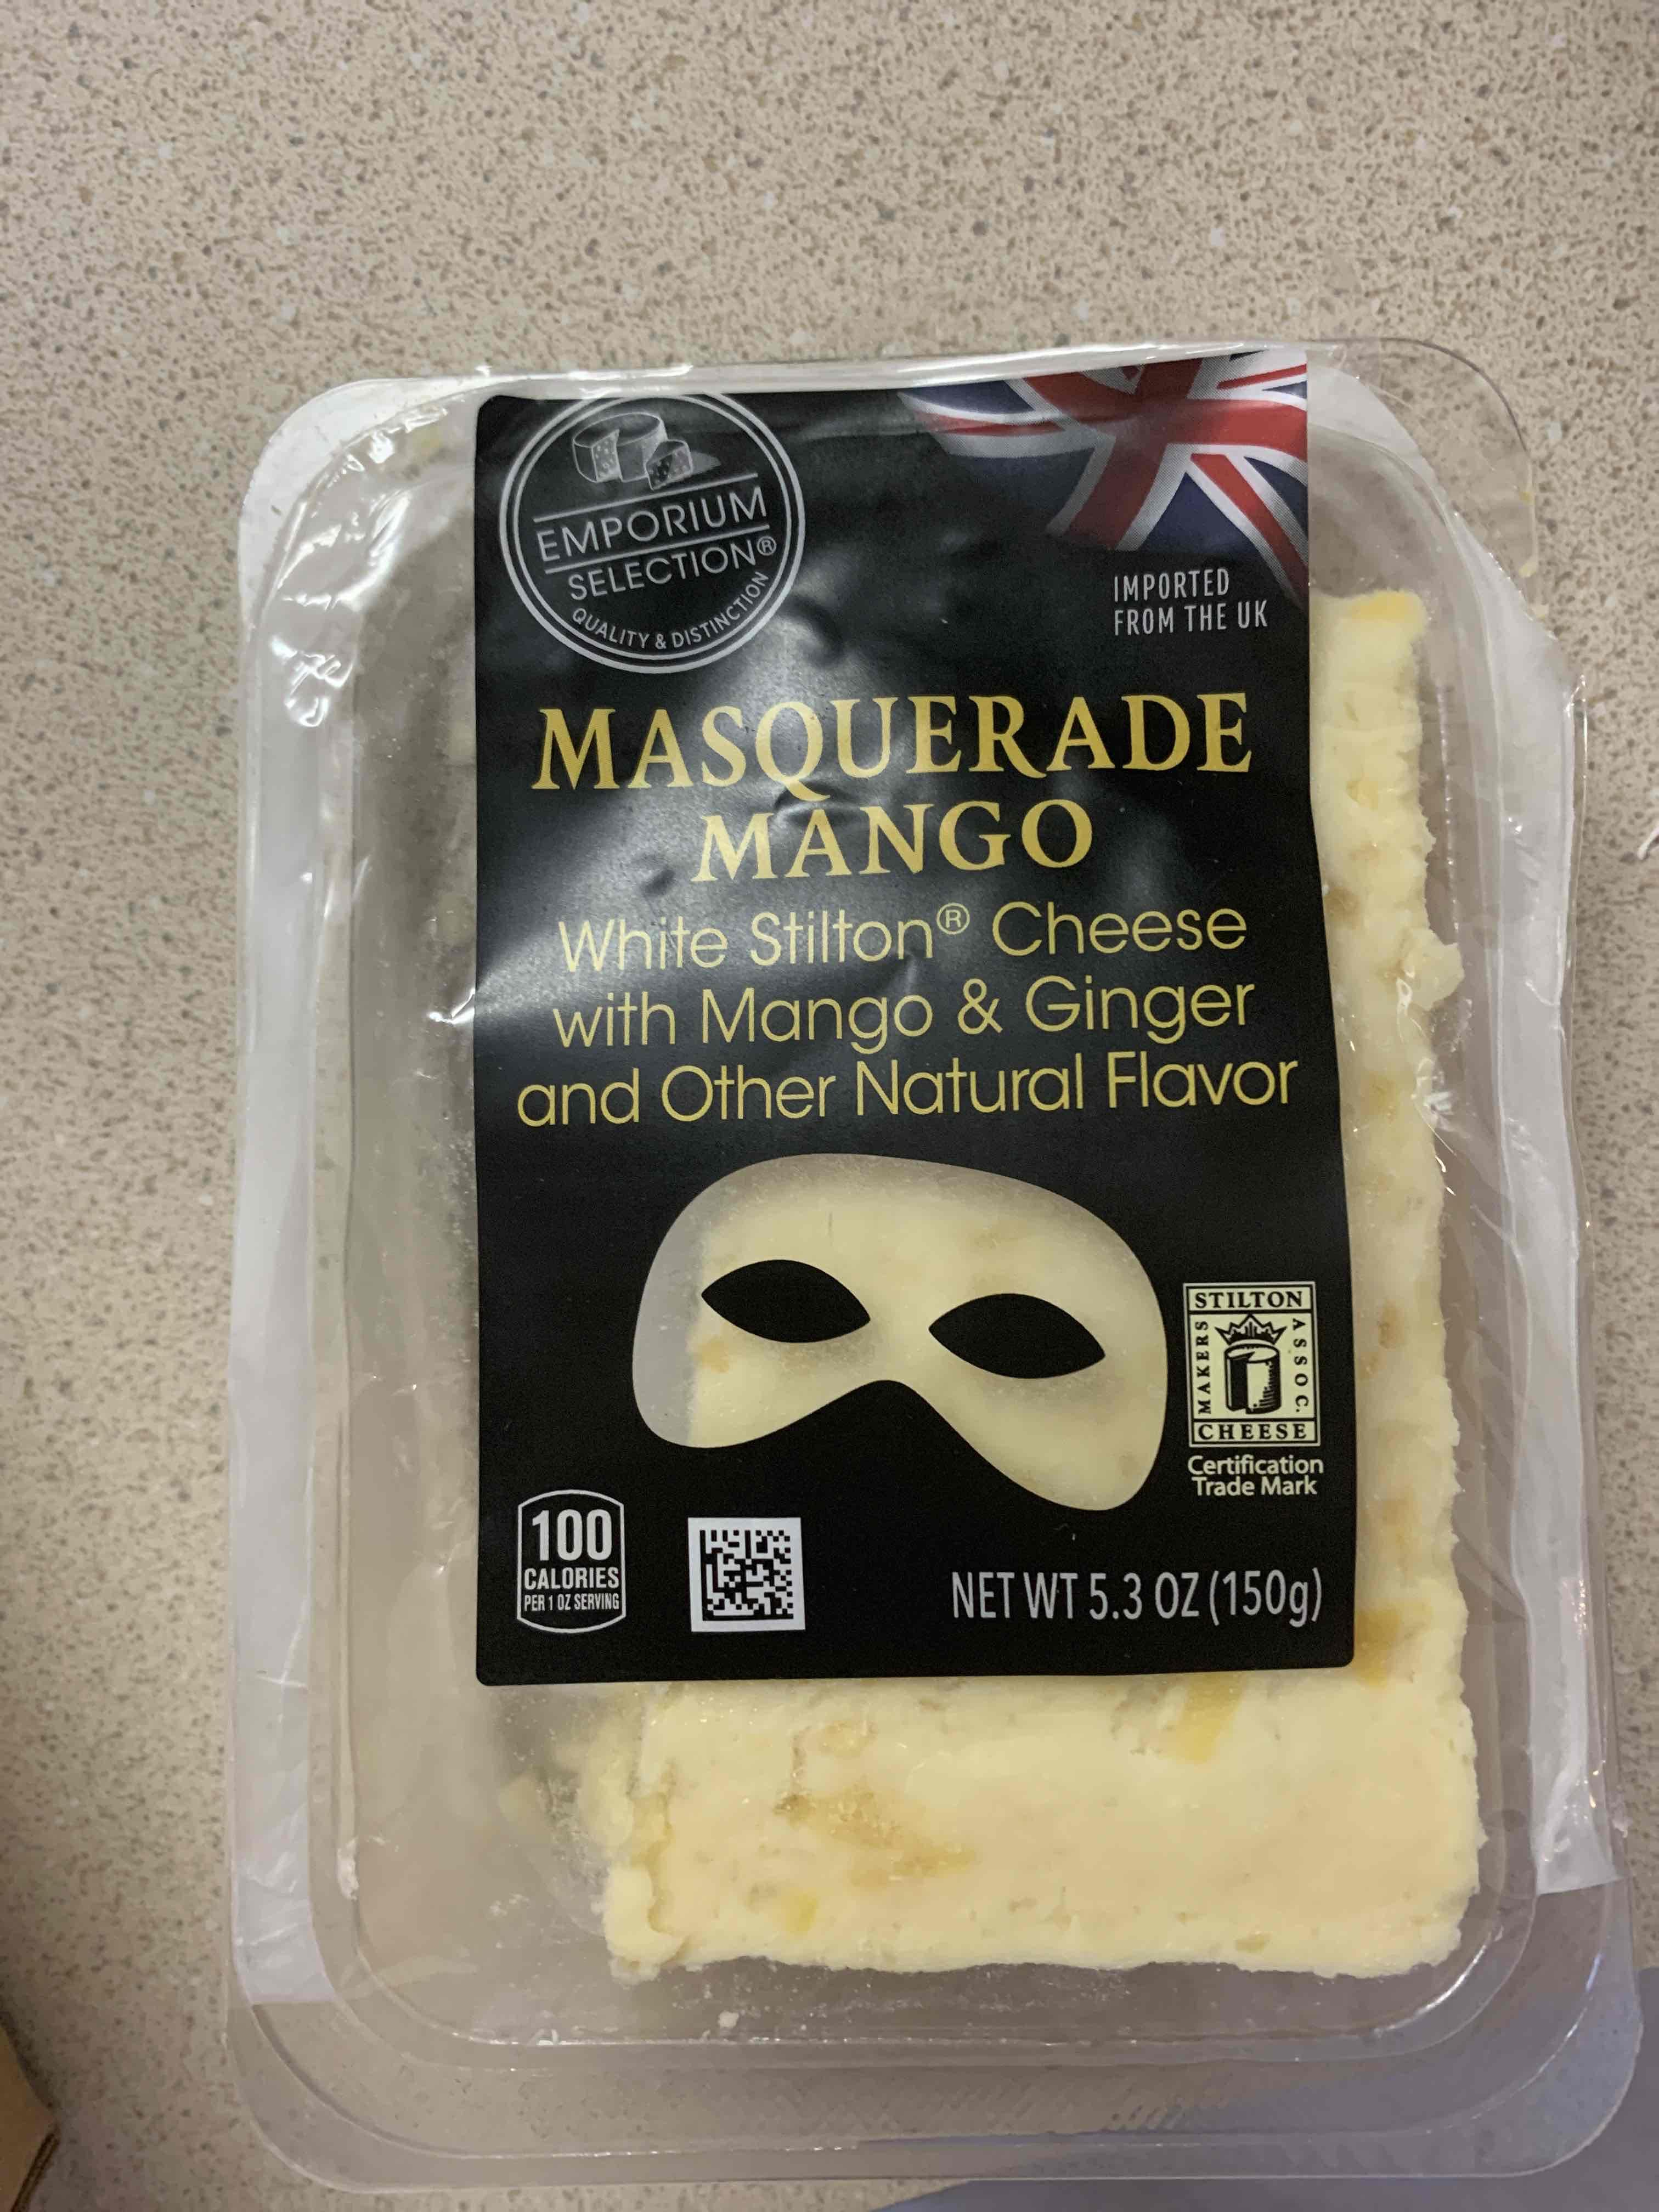 Masquerade Mango